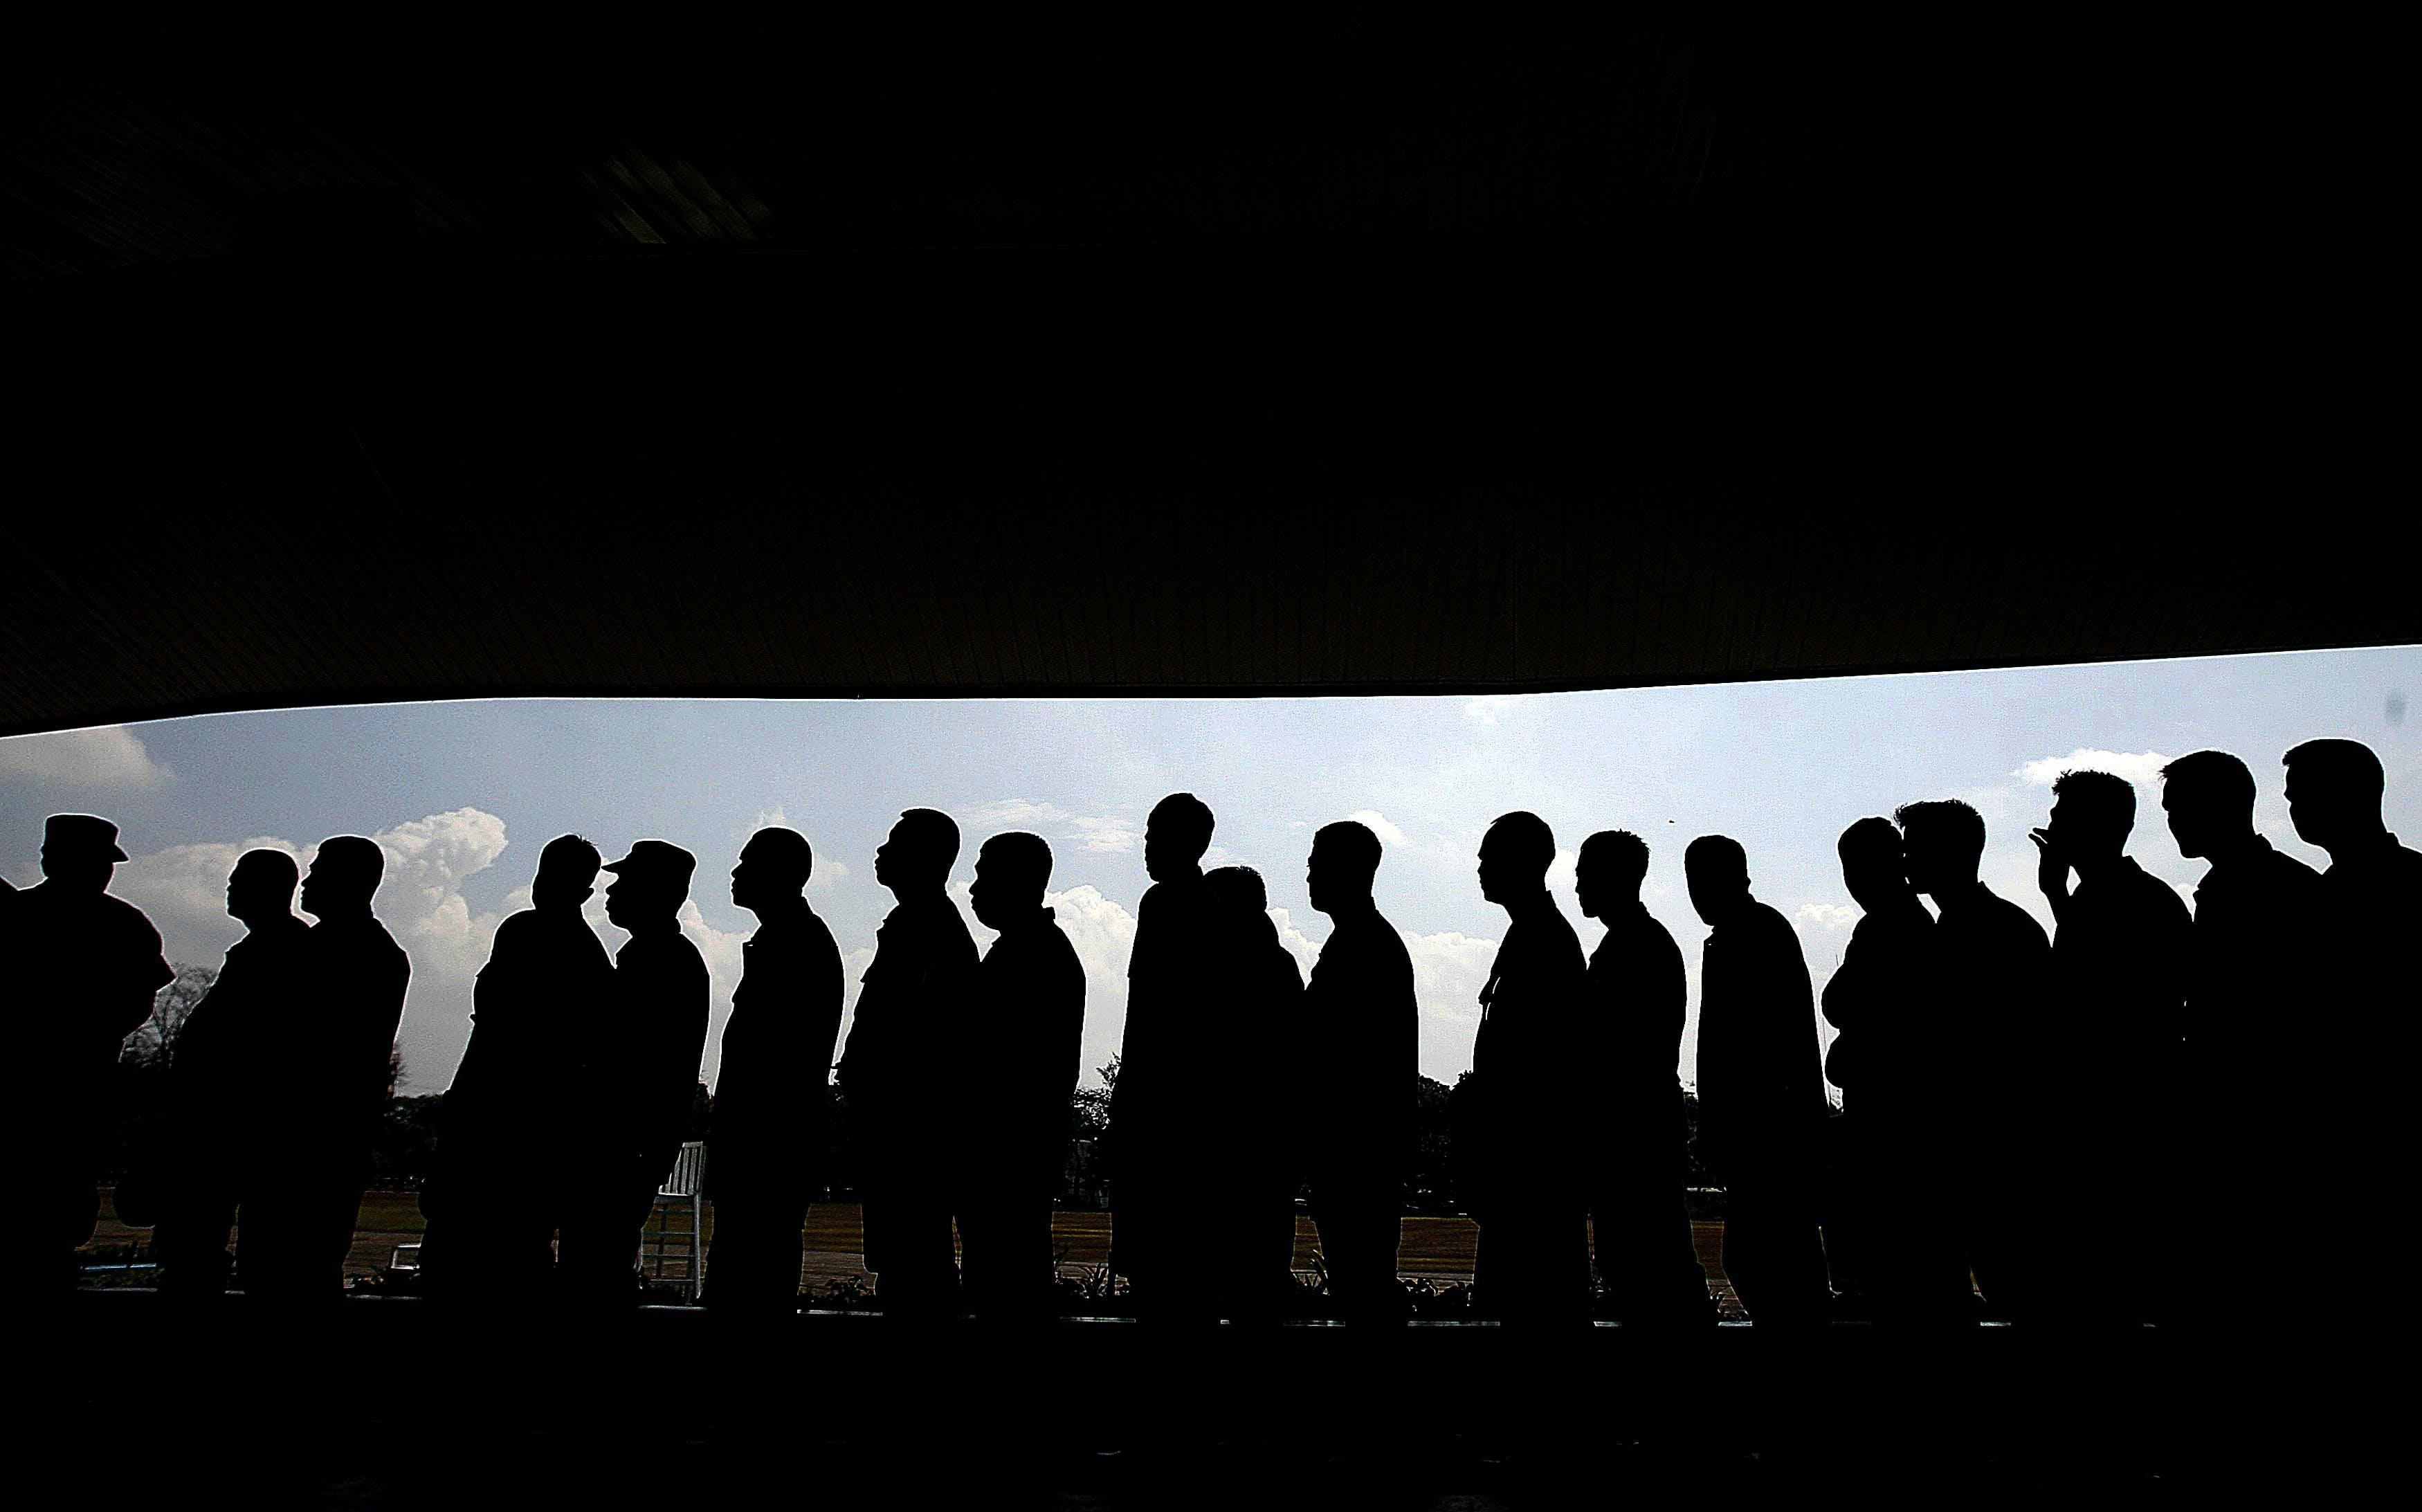 Kostenloses Stock Foto zu gruppe, männer, menge, menschen